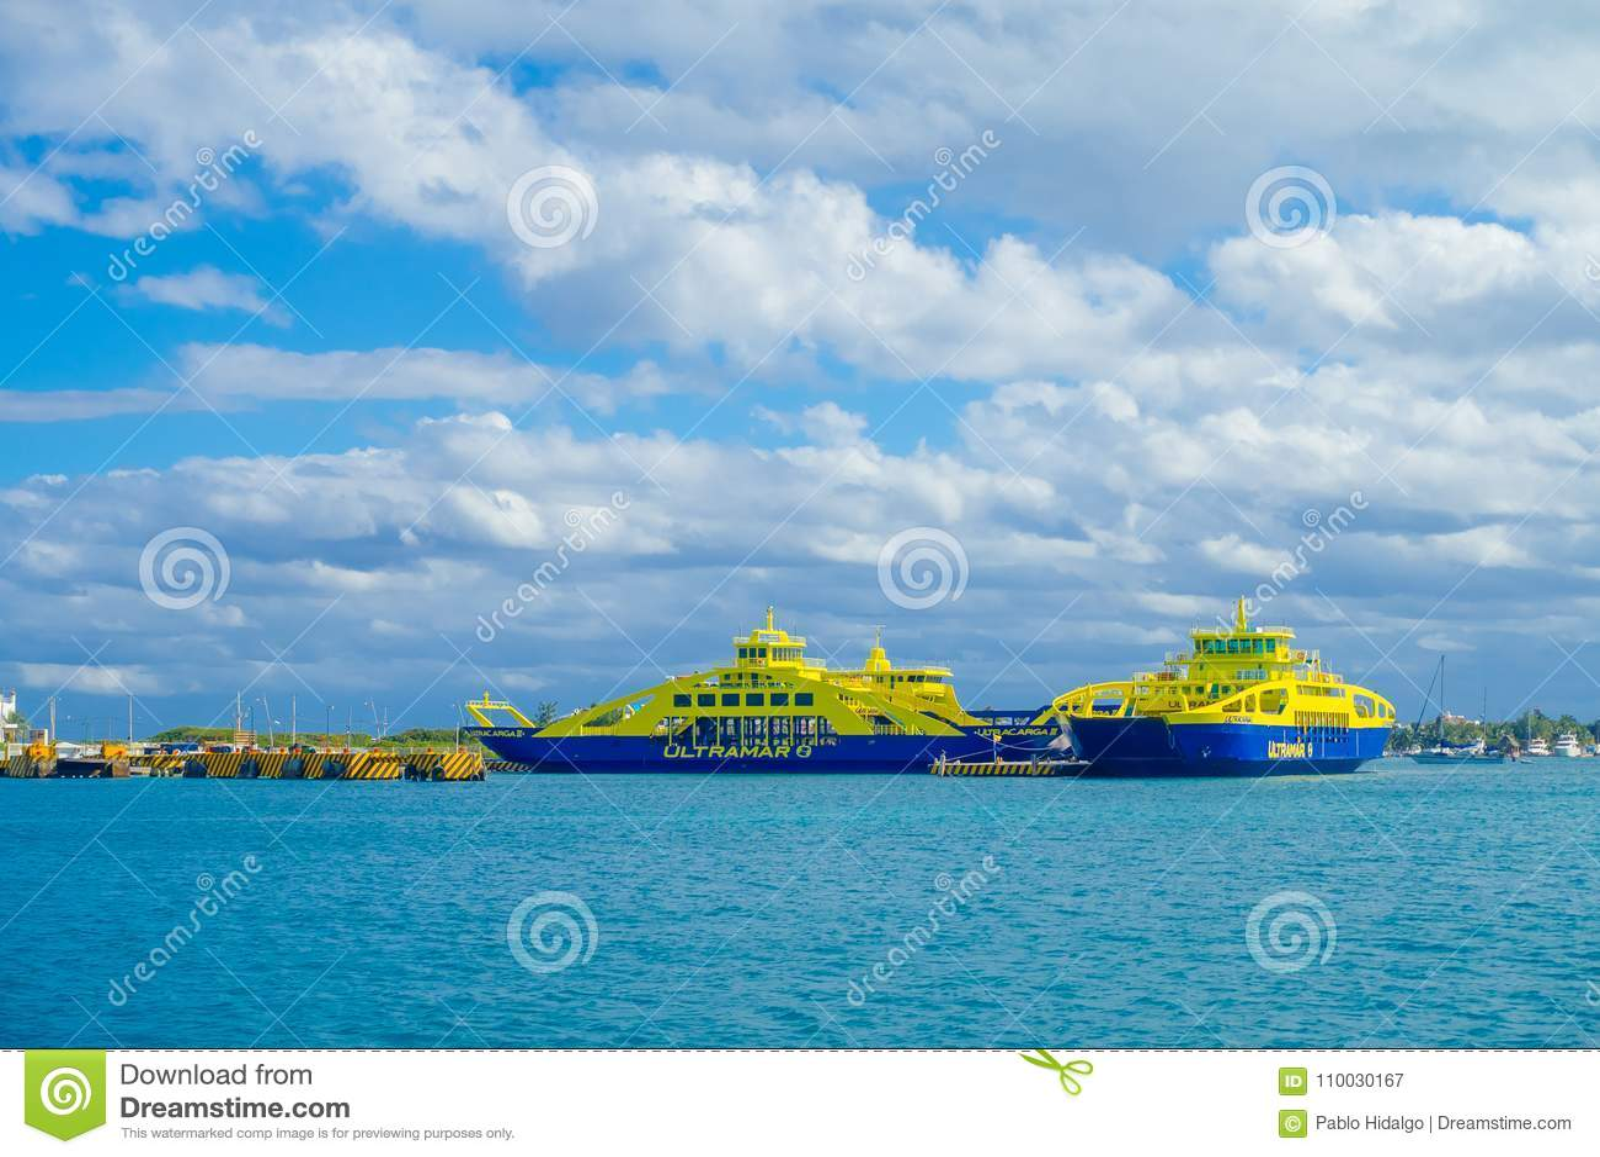 ISLA MUJERES, MEXICO, 10 JANUARI, 2018: Openluchtmening van veerboot van kleur het blauwe en gele varen in de wateren dicht bij